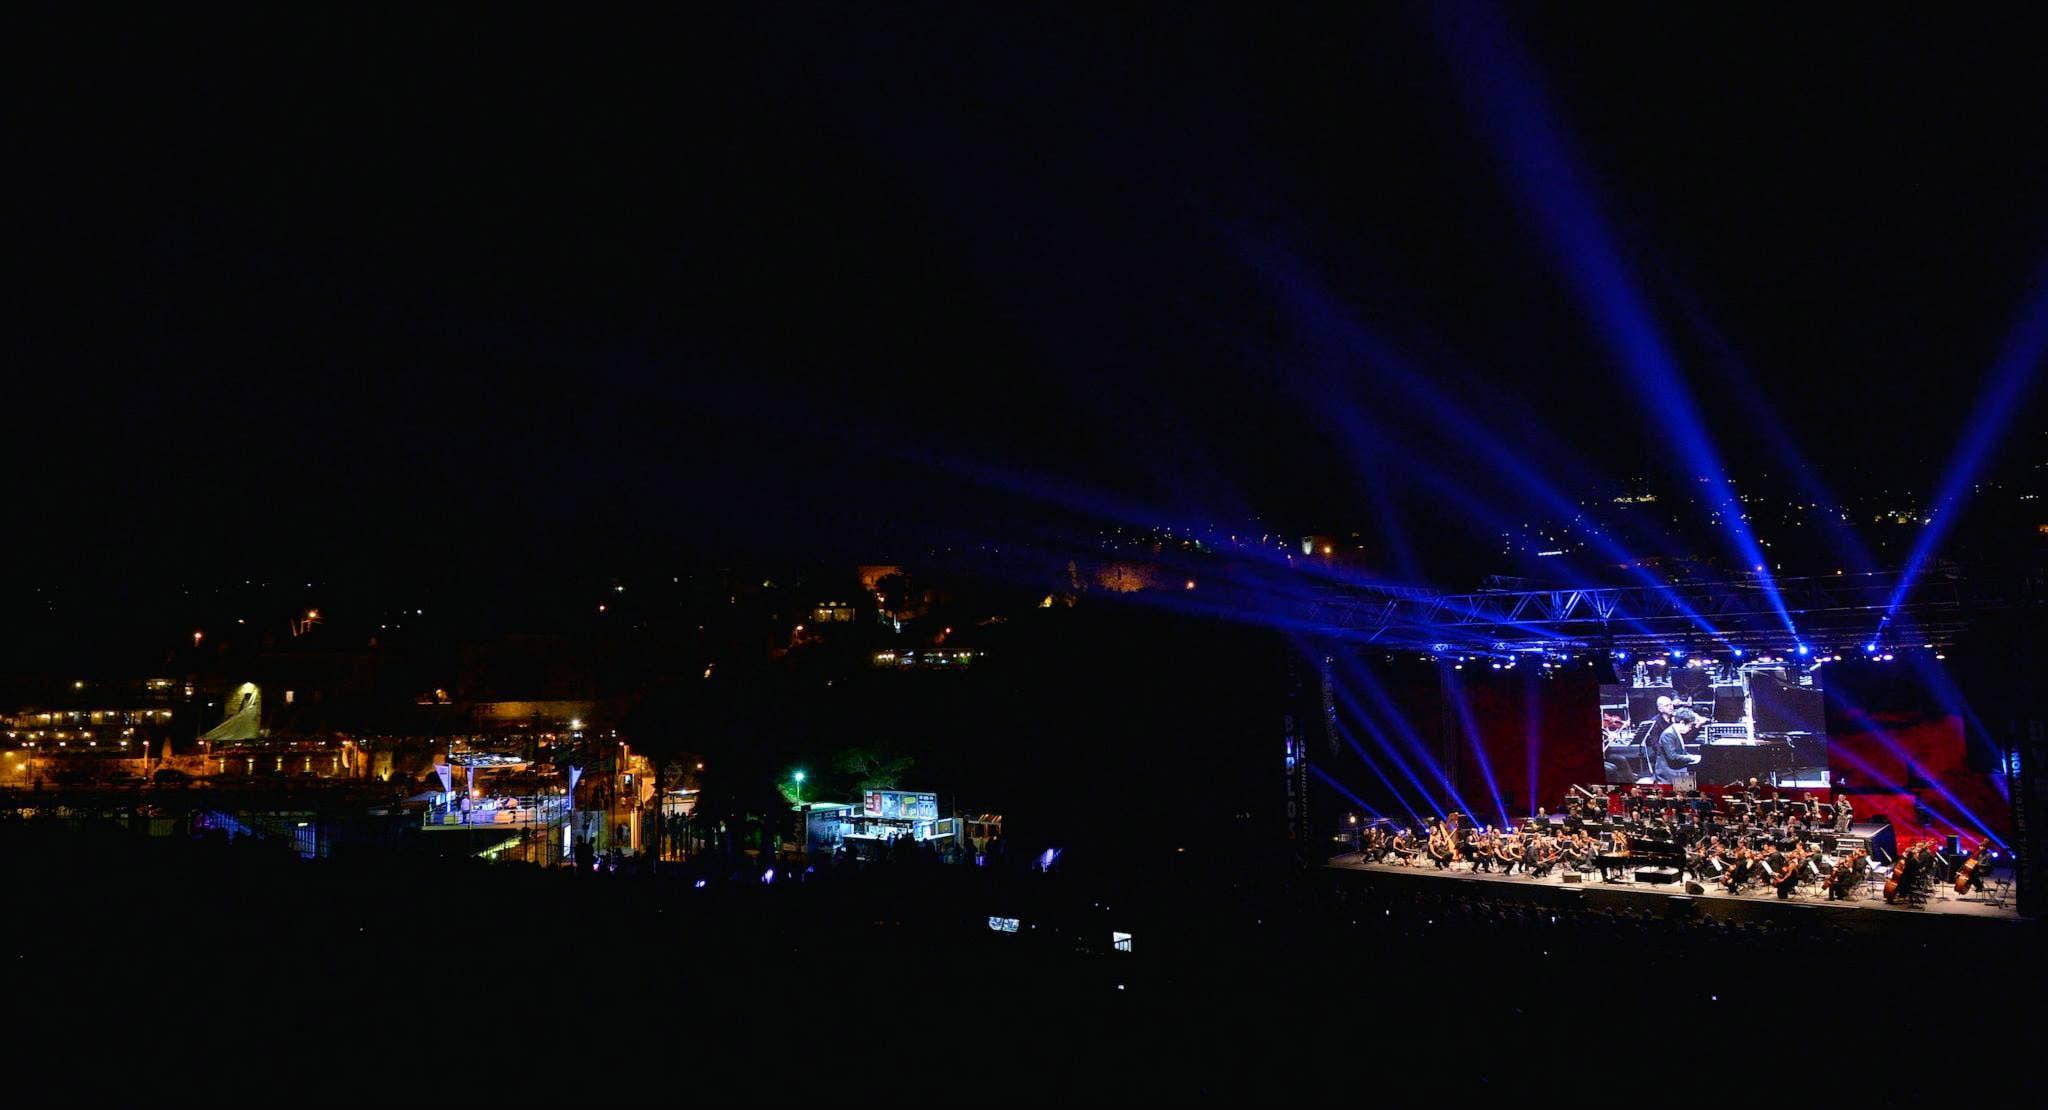 Lebanon's Byblos International Festival